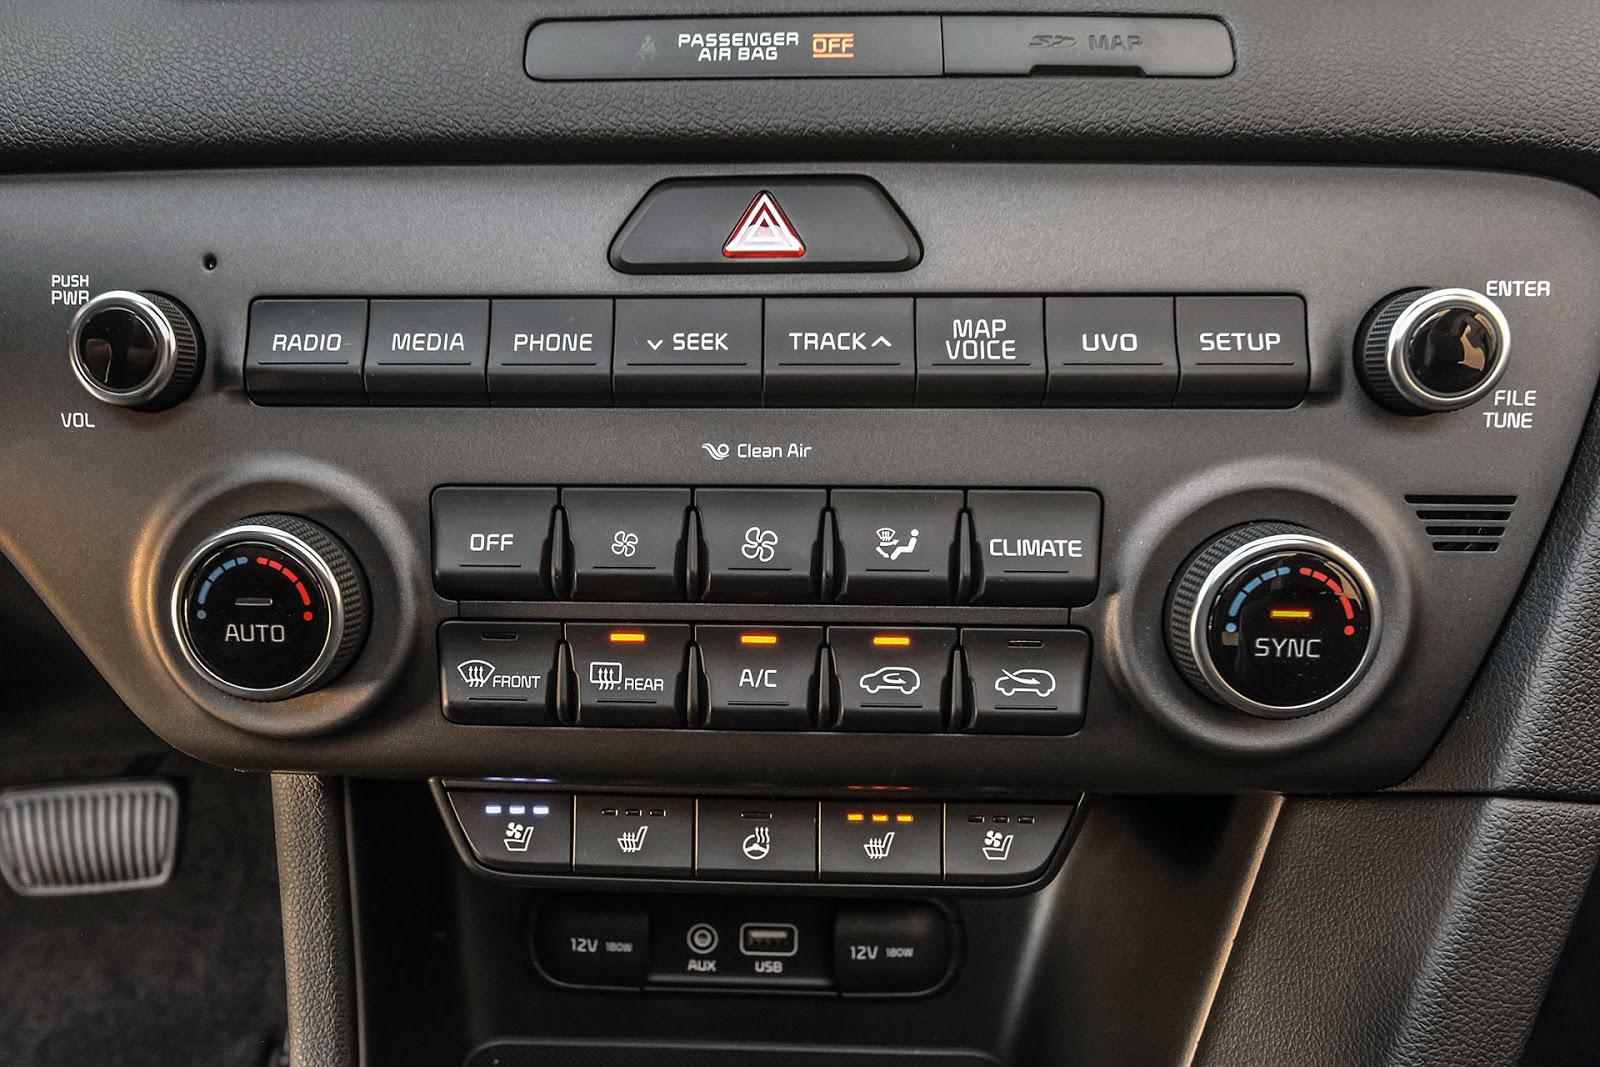 Đánh giá xe Kia Sportage 2017 - Nhiều cải tiến vượt bậc